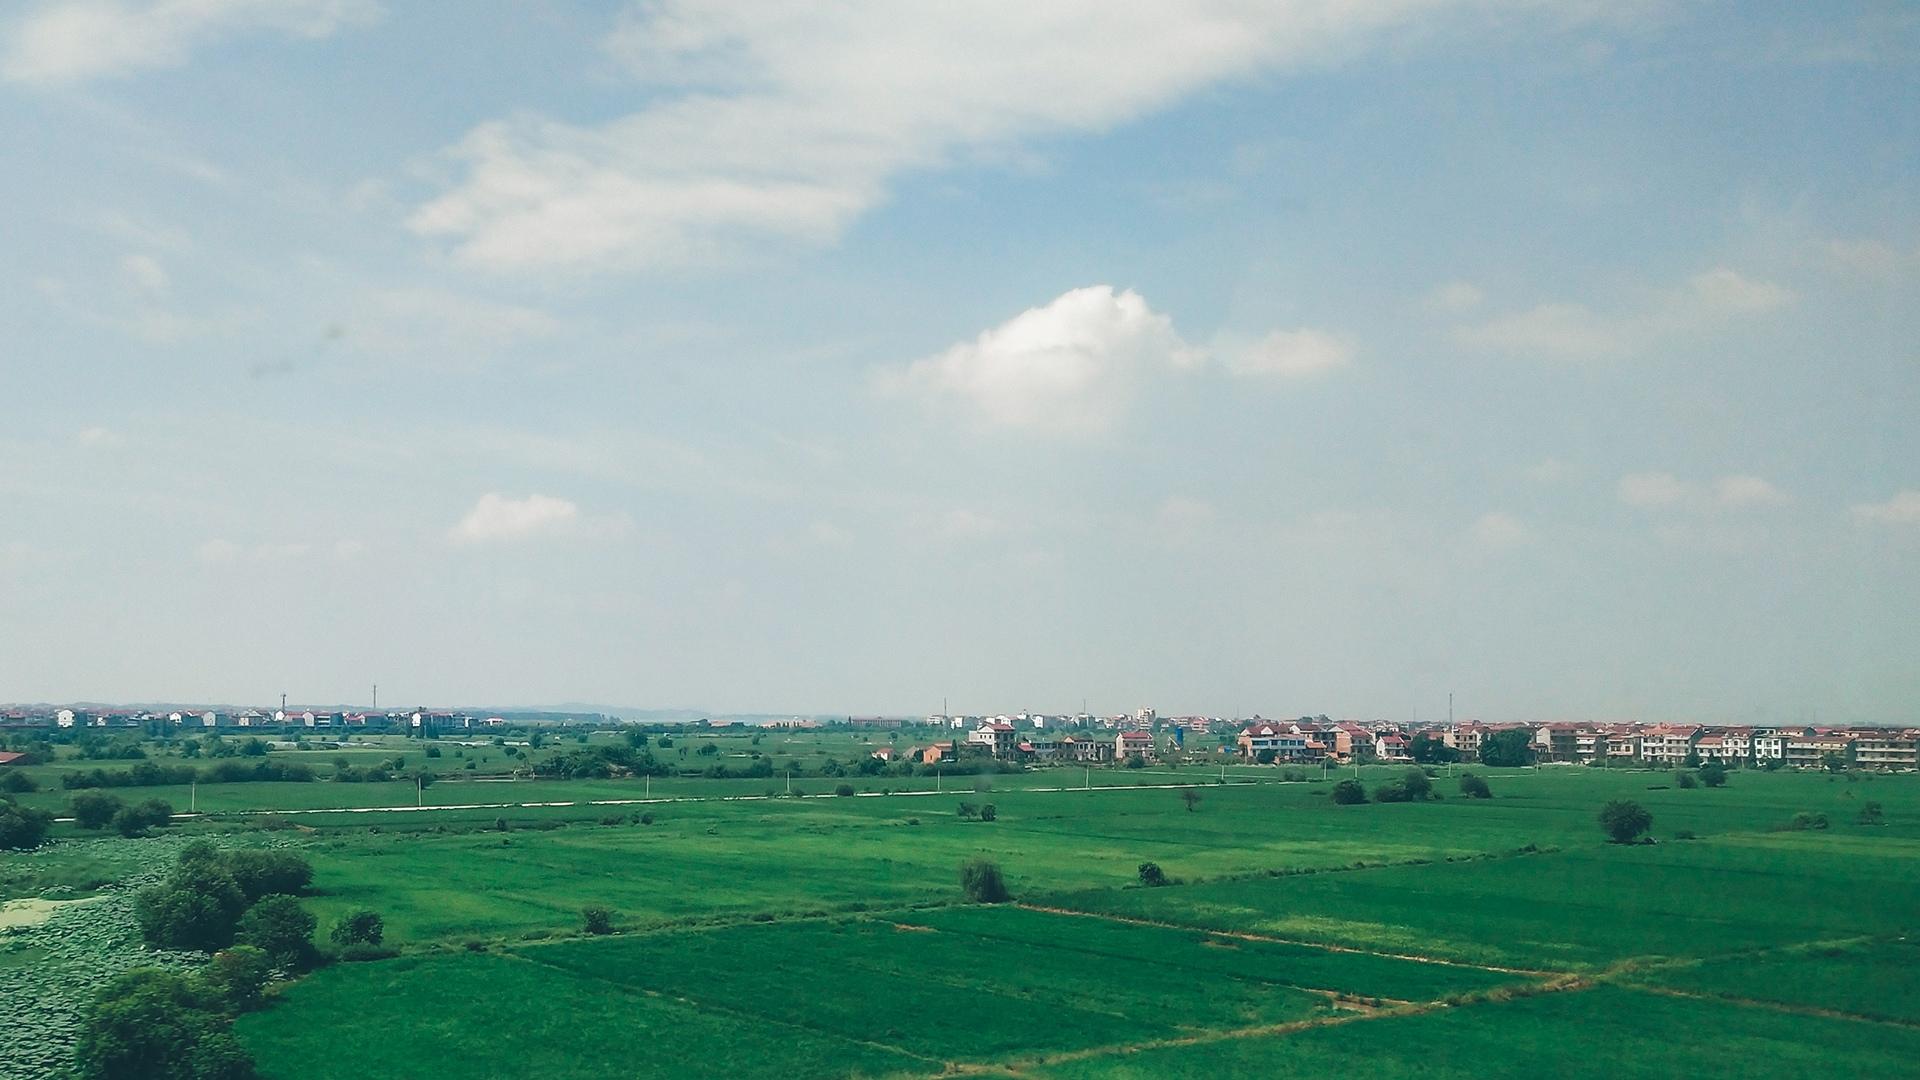 阴天下的绿色草原风光图片